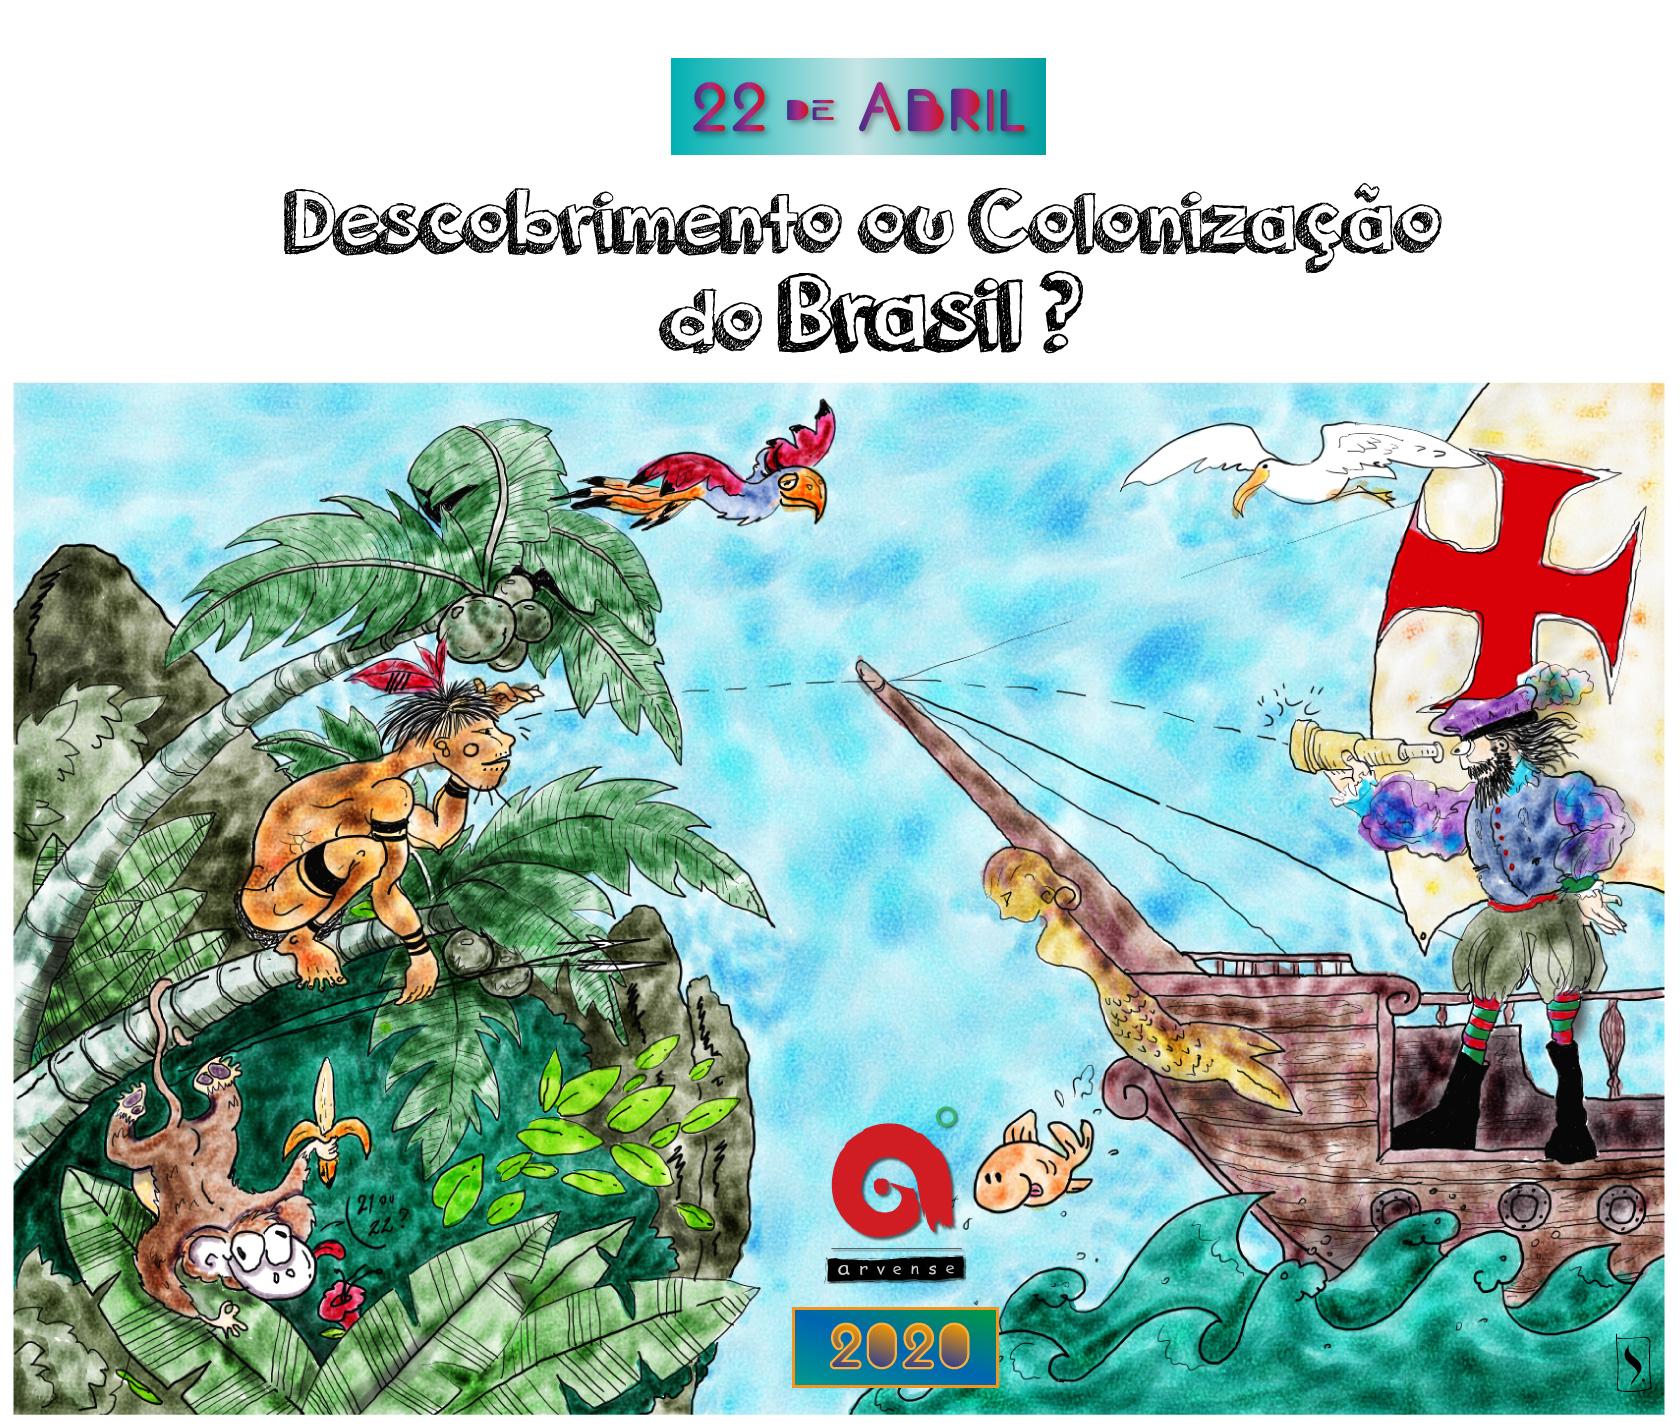 Descobrimento ou Colonização do Brasil?